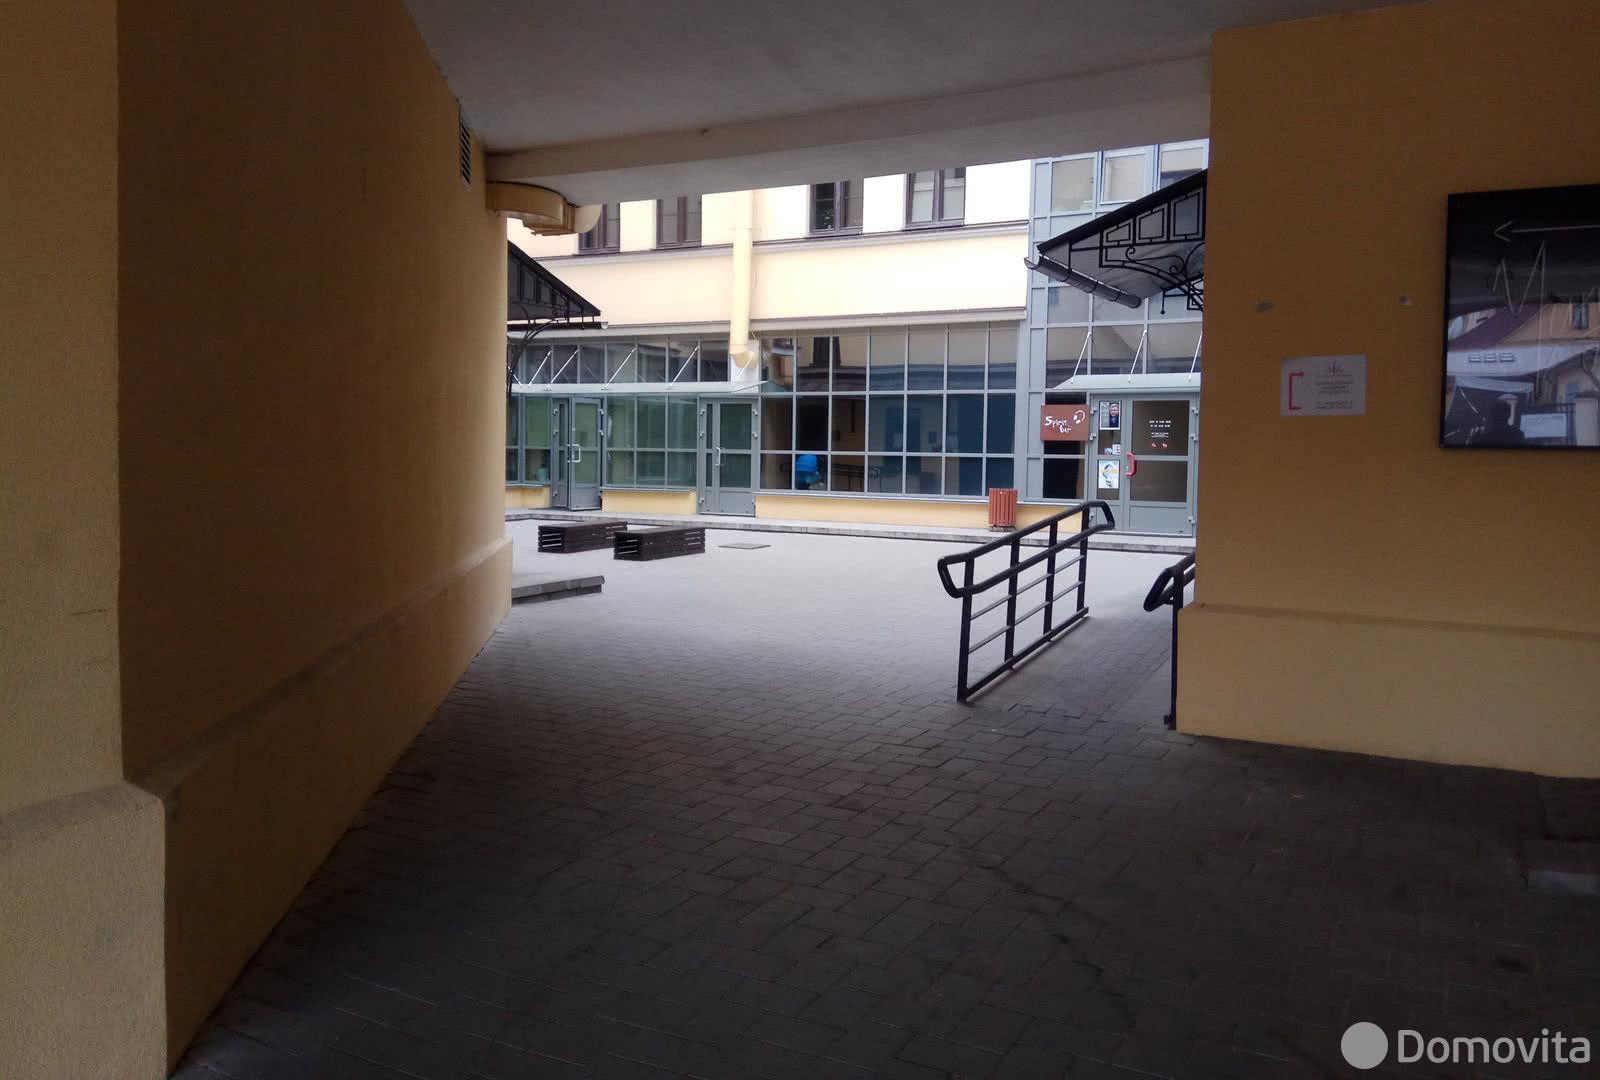 Бизнес-центр БЦ На торговой набережной - фото 6